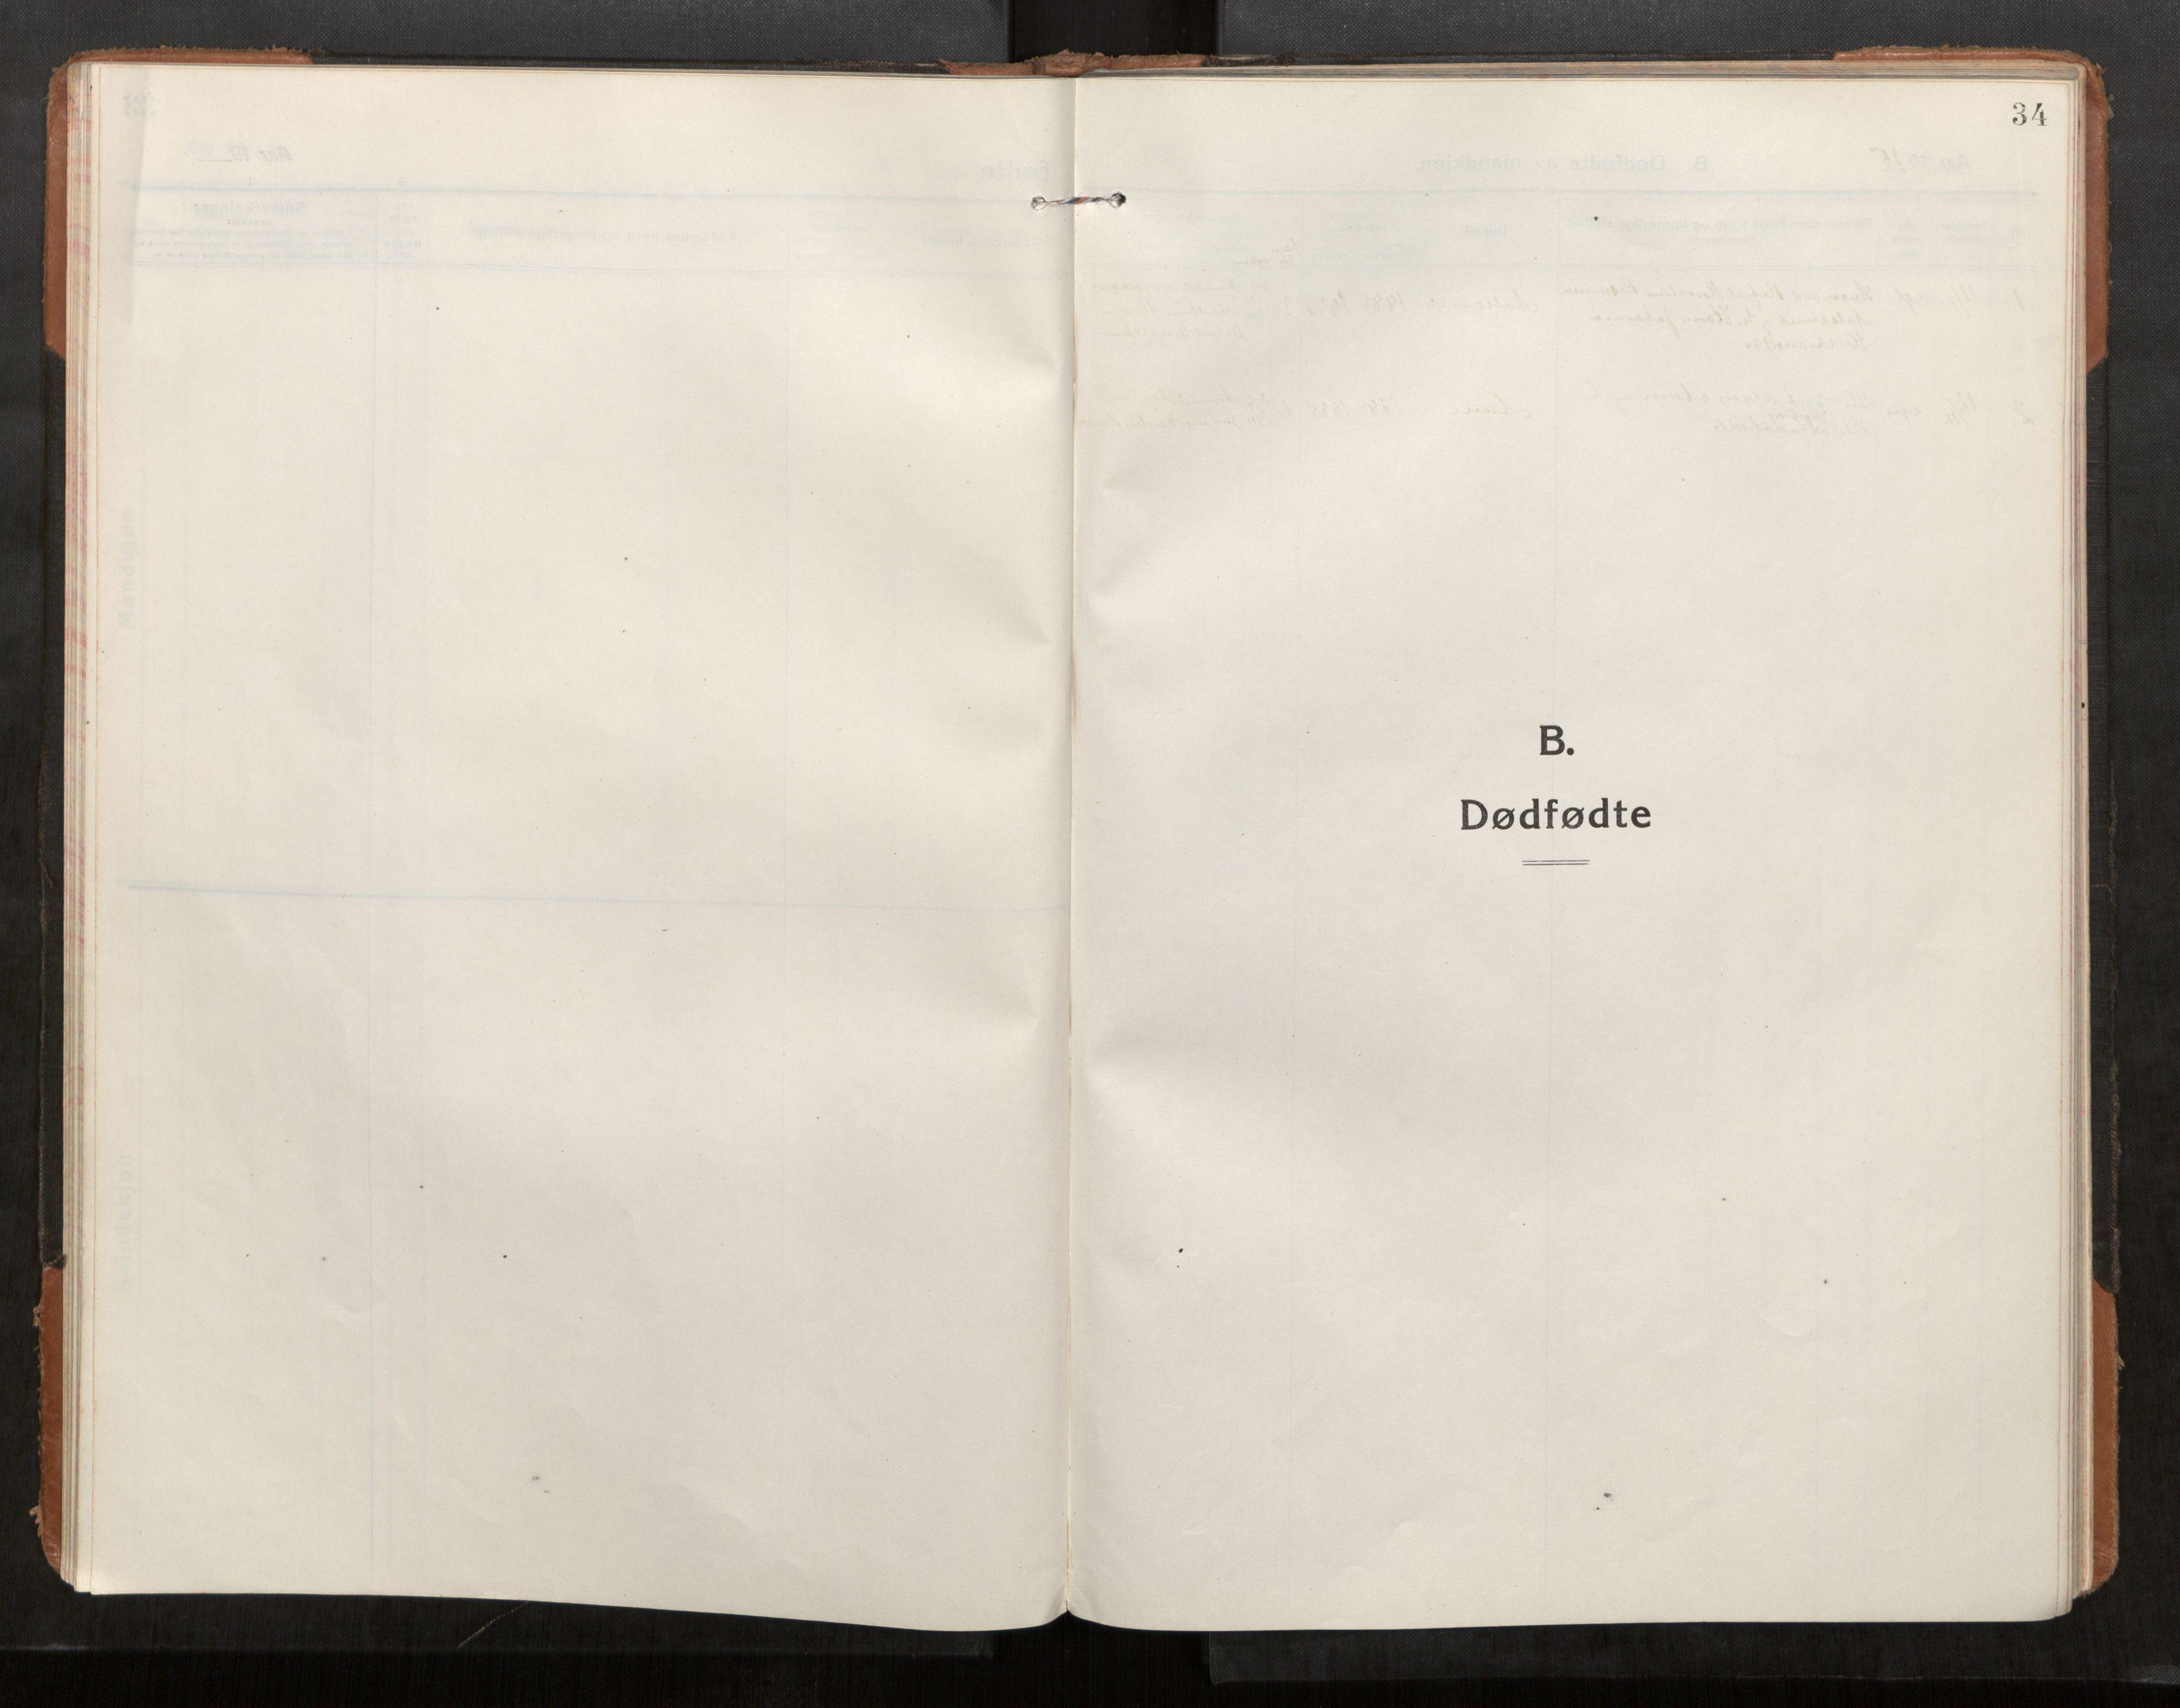 SAT, Stod sokneprestkontor, I/I1/I1a/L0004: Parish register (official) no. 4, 1913-1933, p. 34